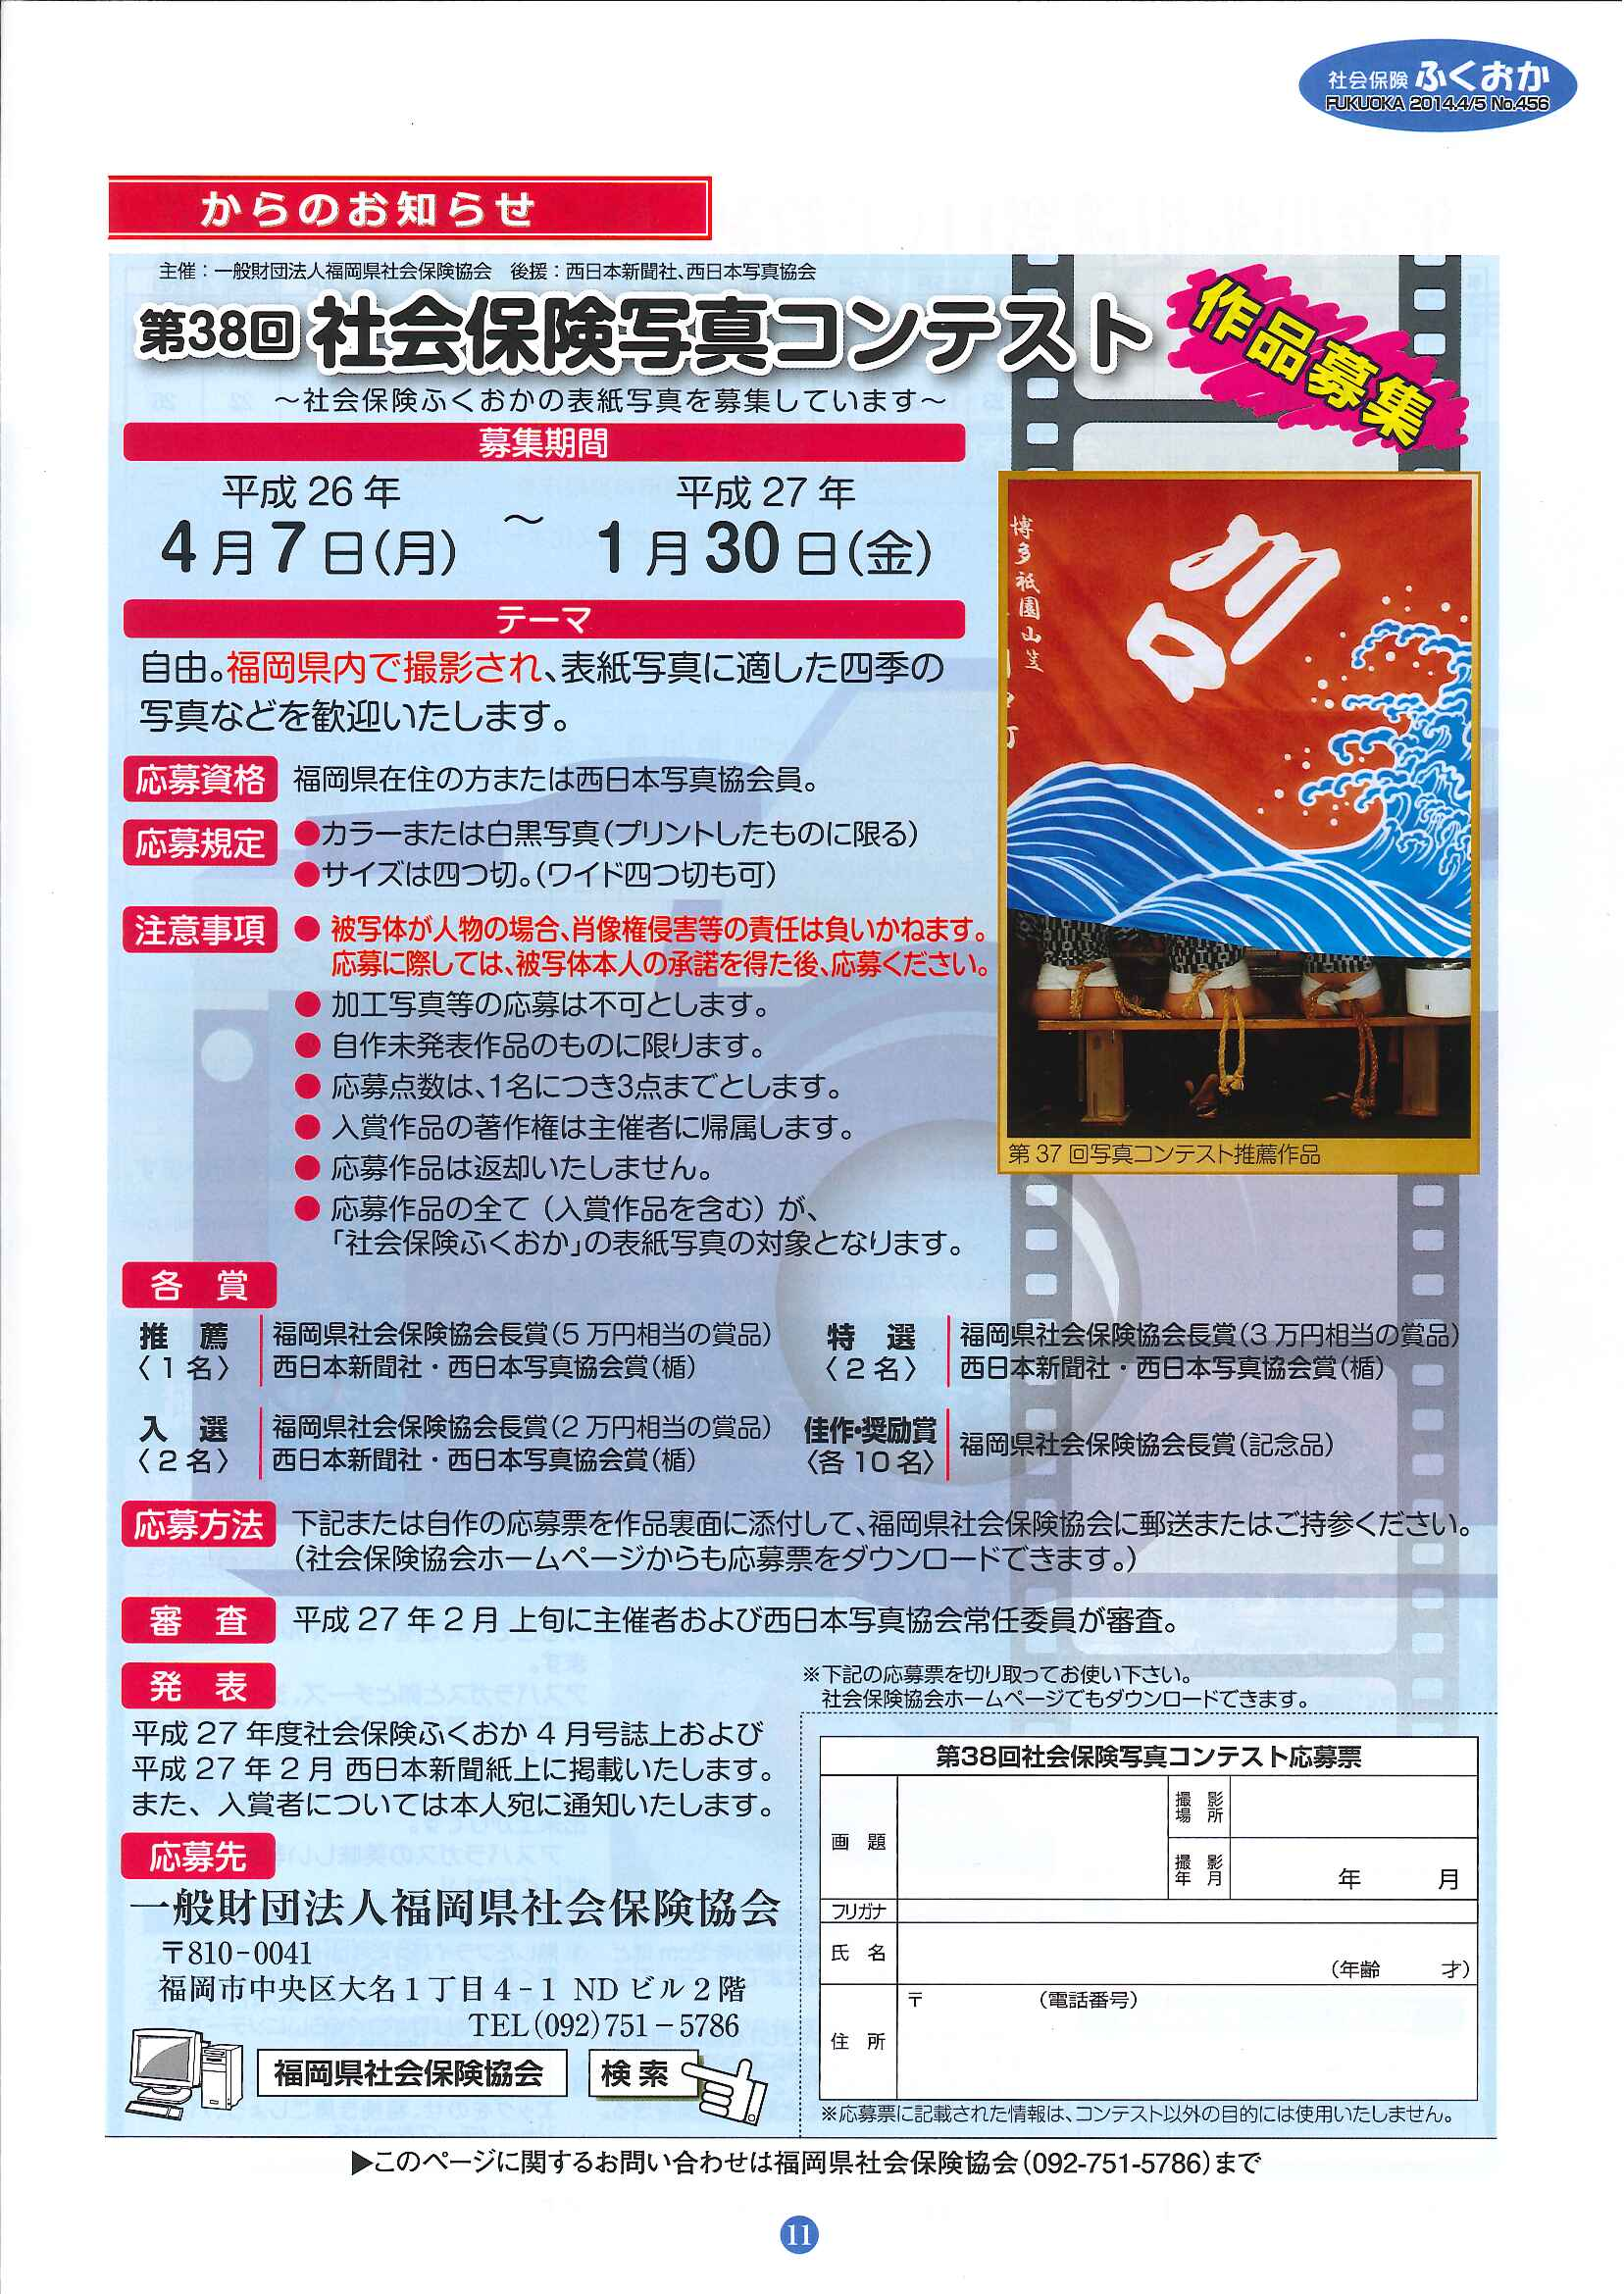 社会保険 ふくおか 2014年4・5月号_f0120774_1504173.jpg